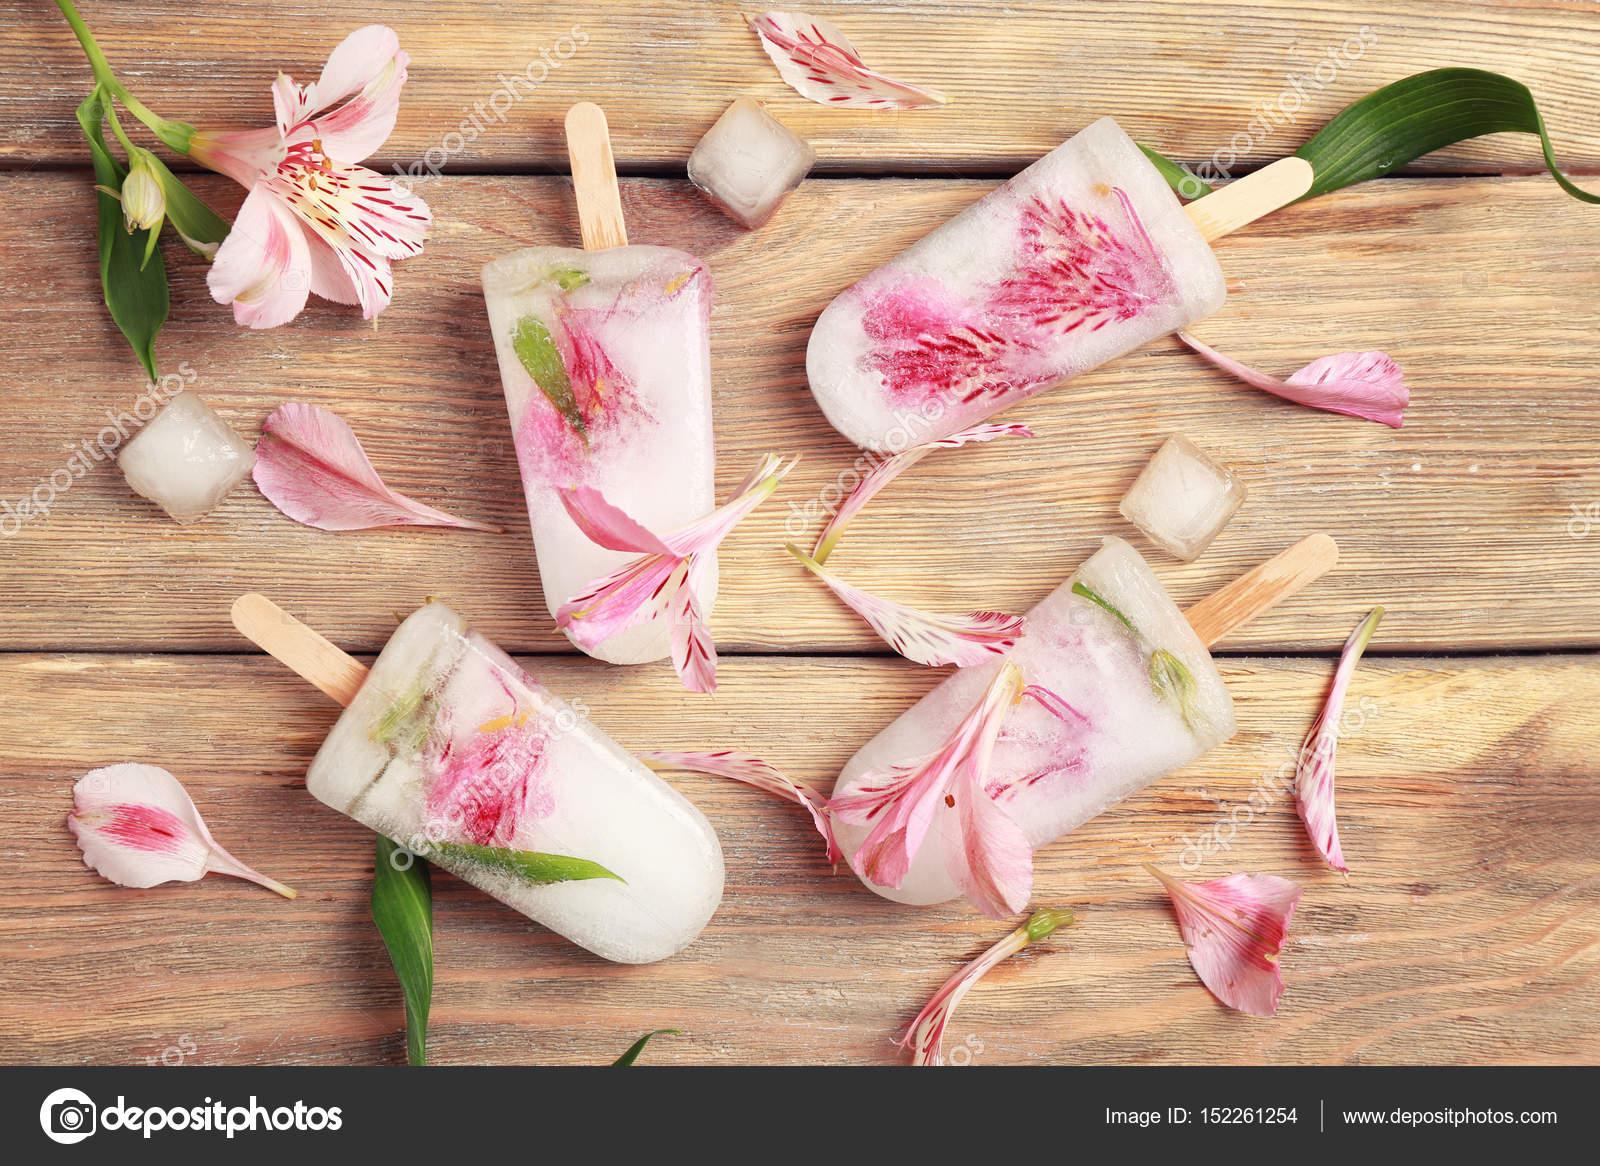 Pops Glaces Avec Des Fleurs Photographie Belchonock C 152261254